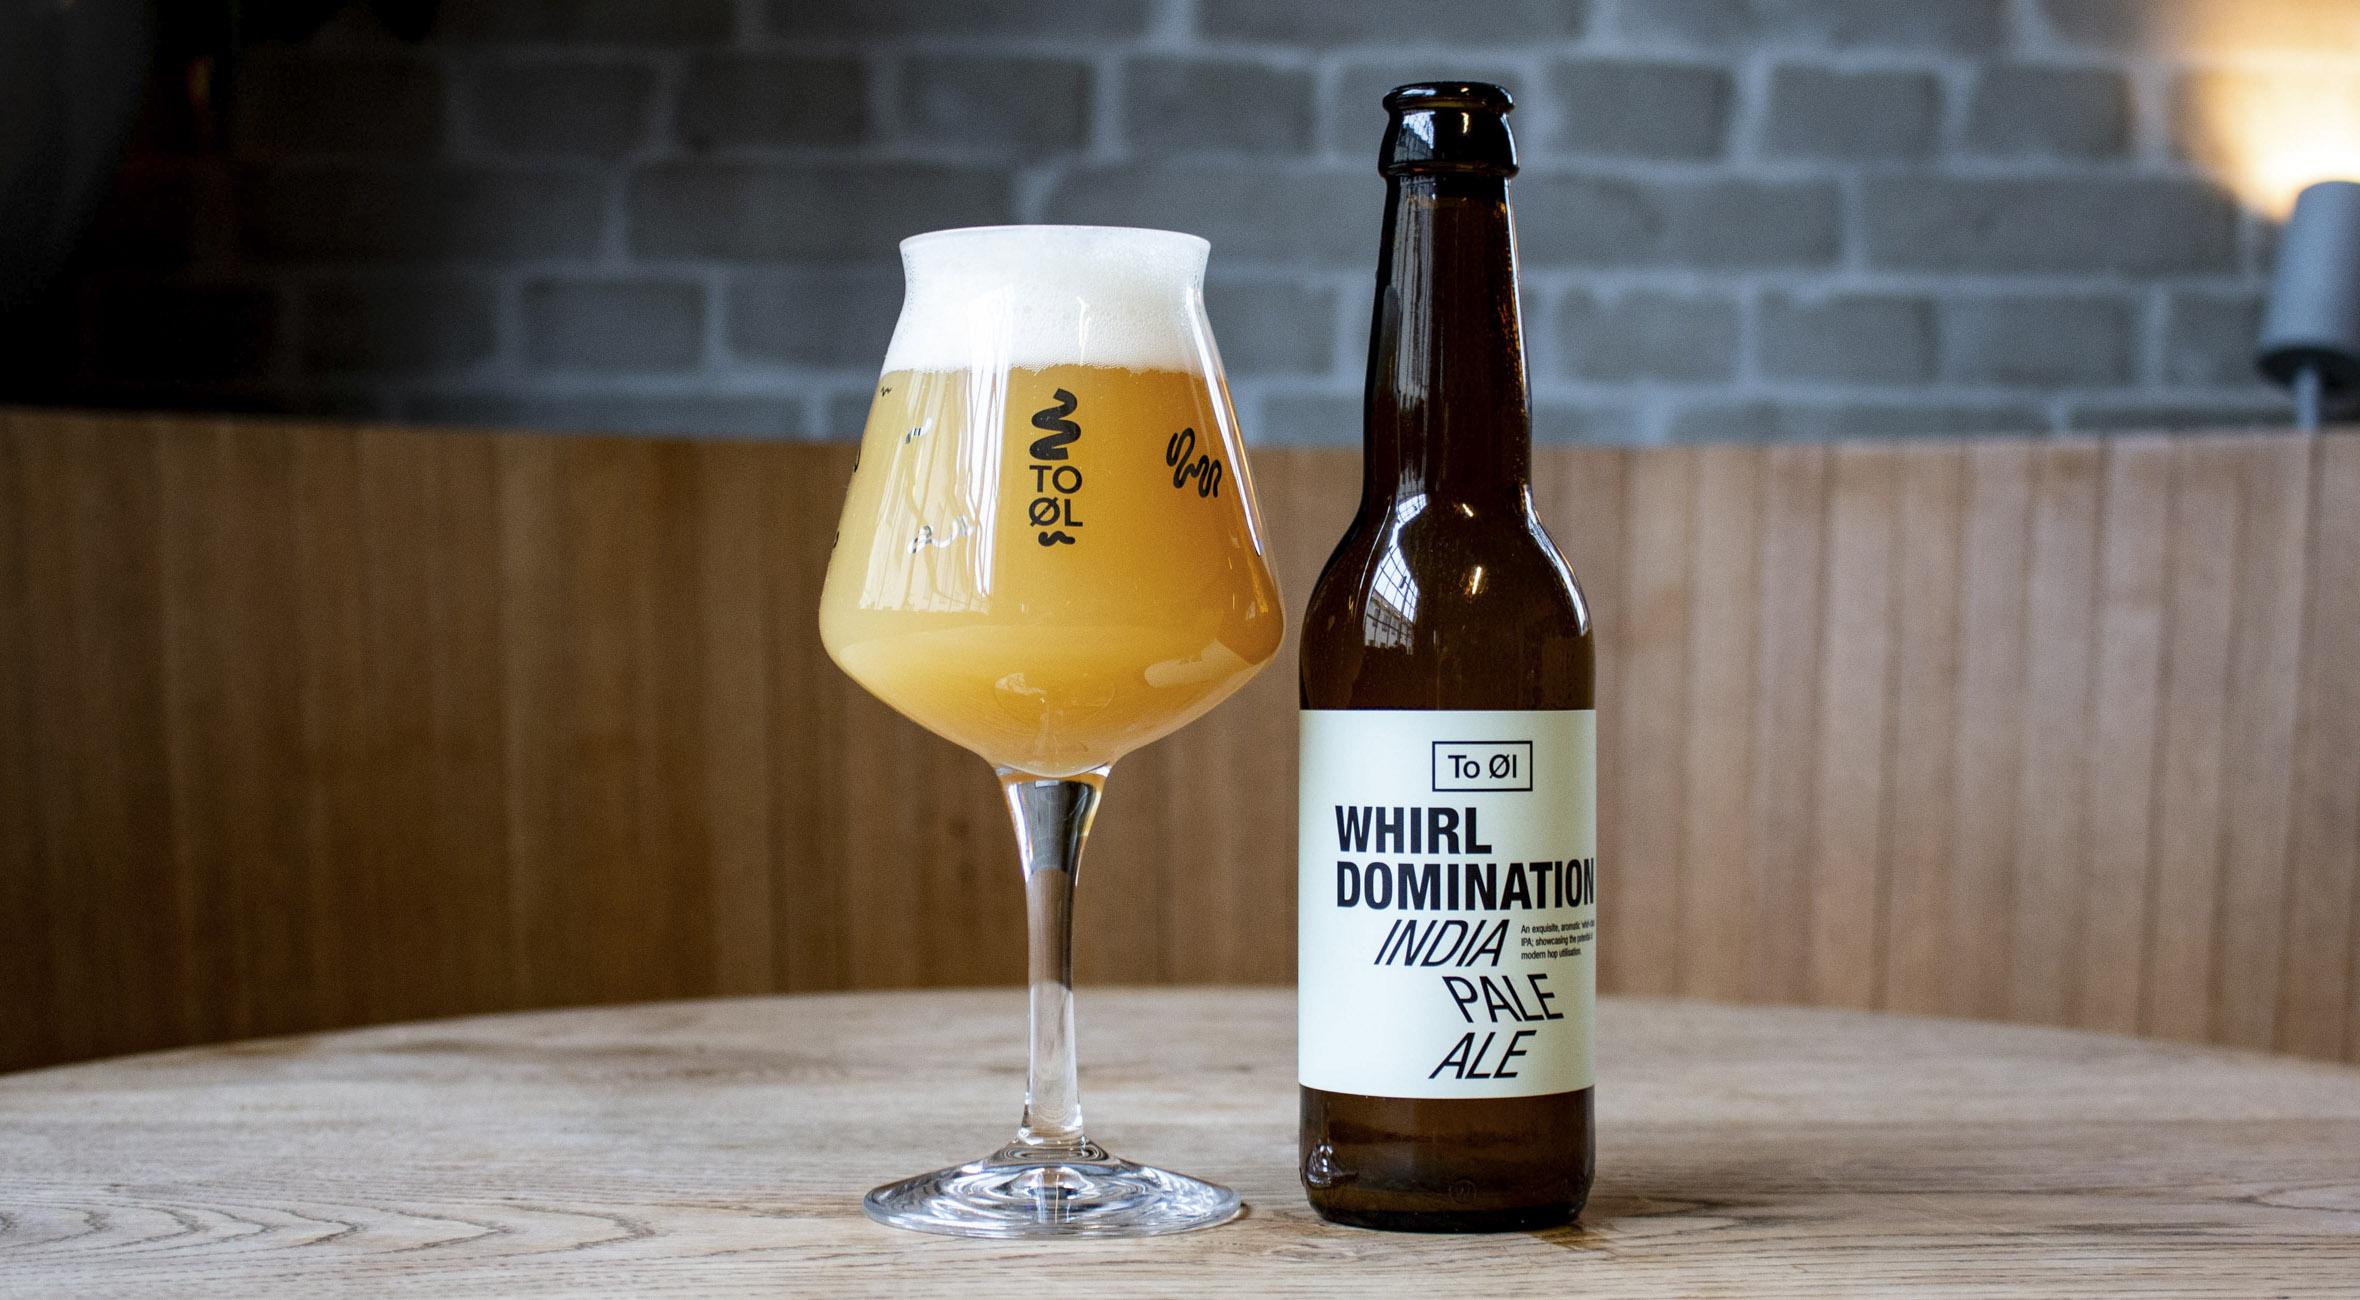 Frit valg til alt i To Øls webshop samt hos BRUS Shop på Nørrebro – Nyd verdensklasse øl derhjemme! Hent selv eller få leveret direkte til døren